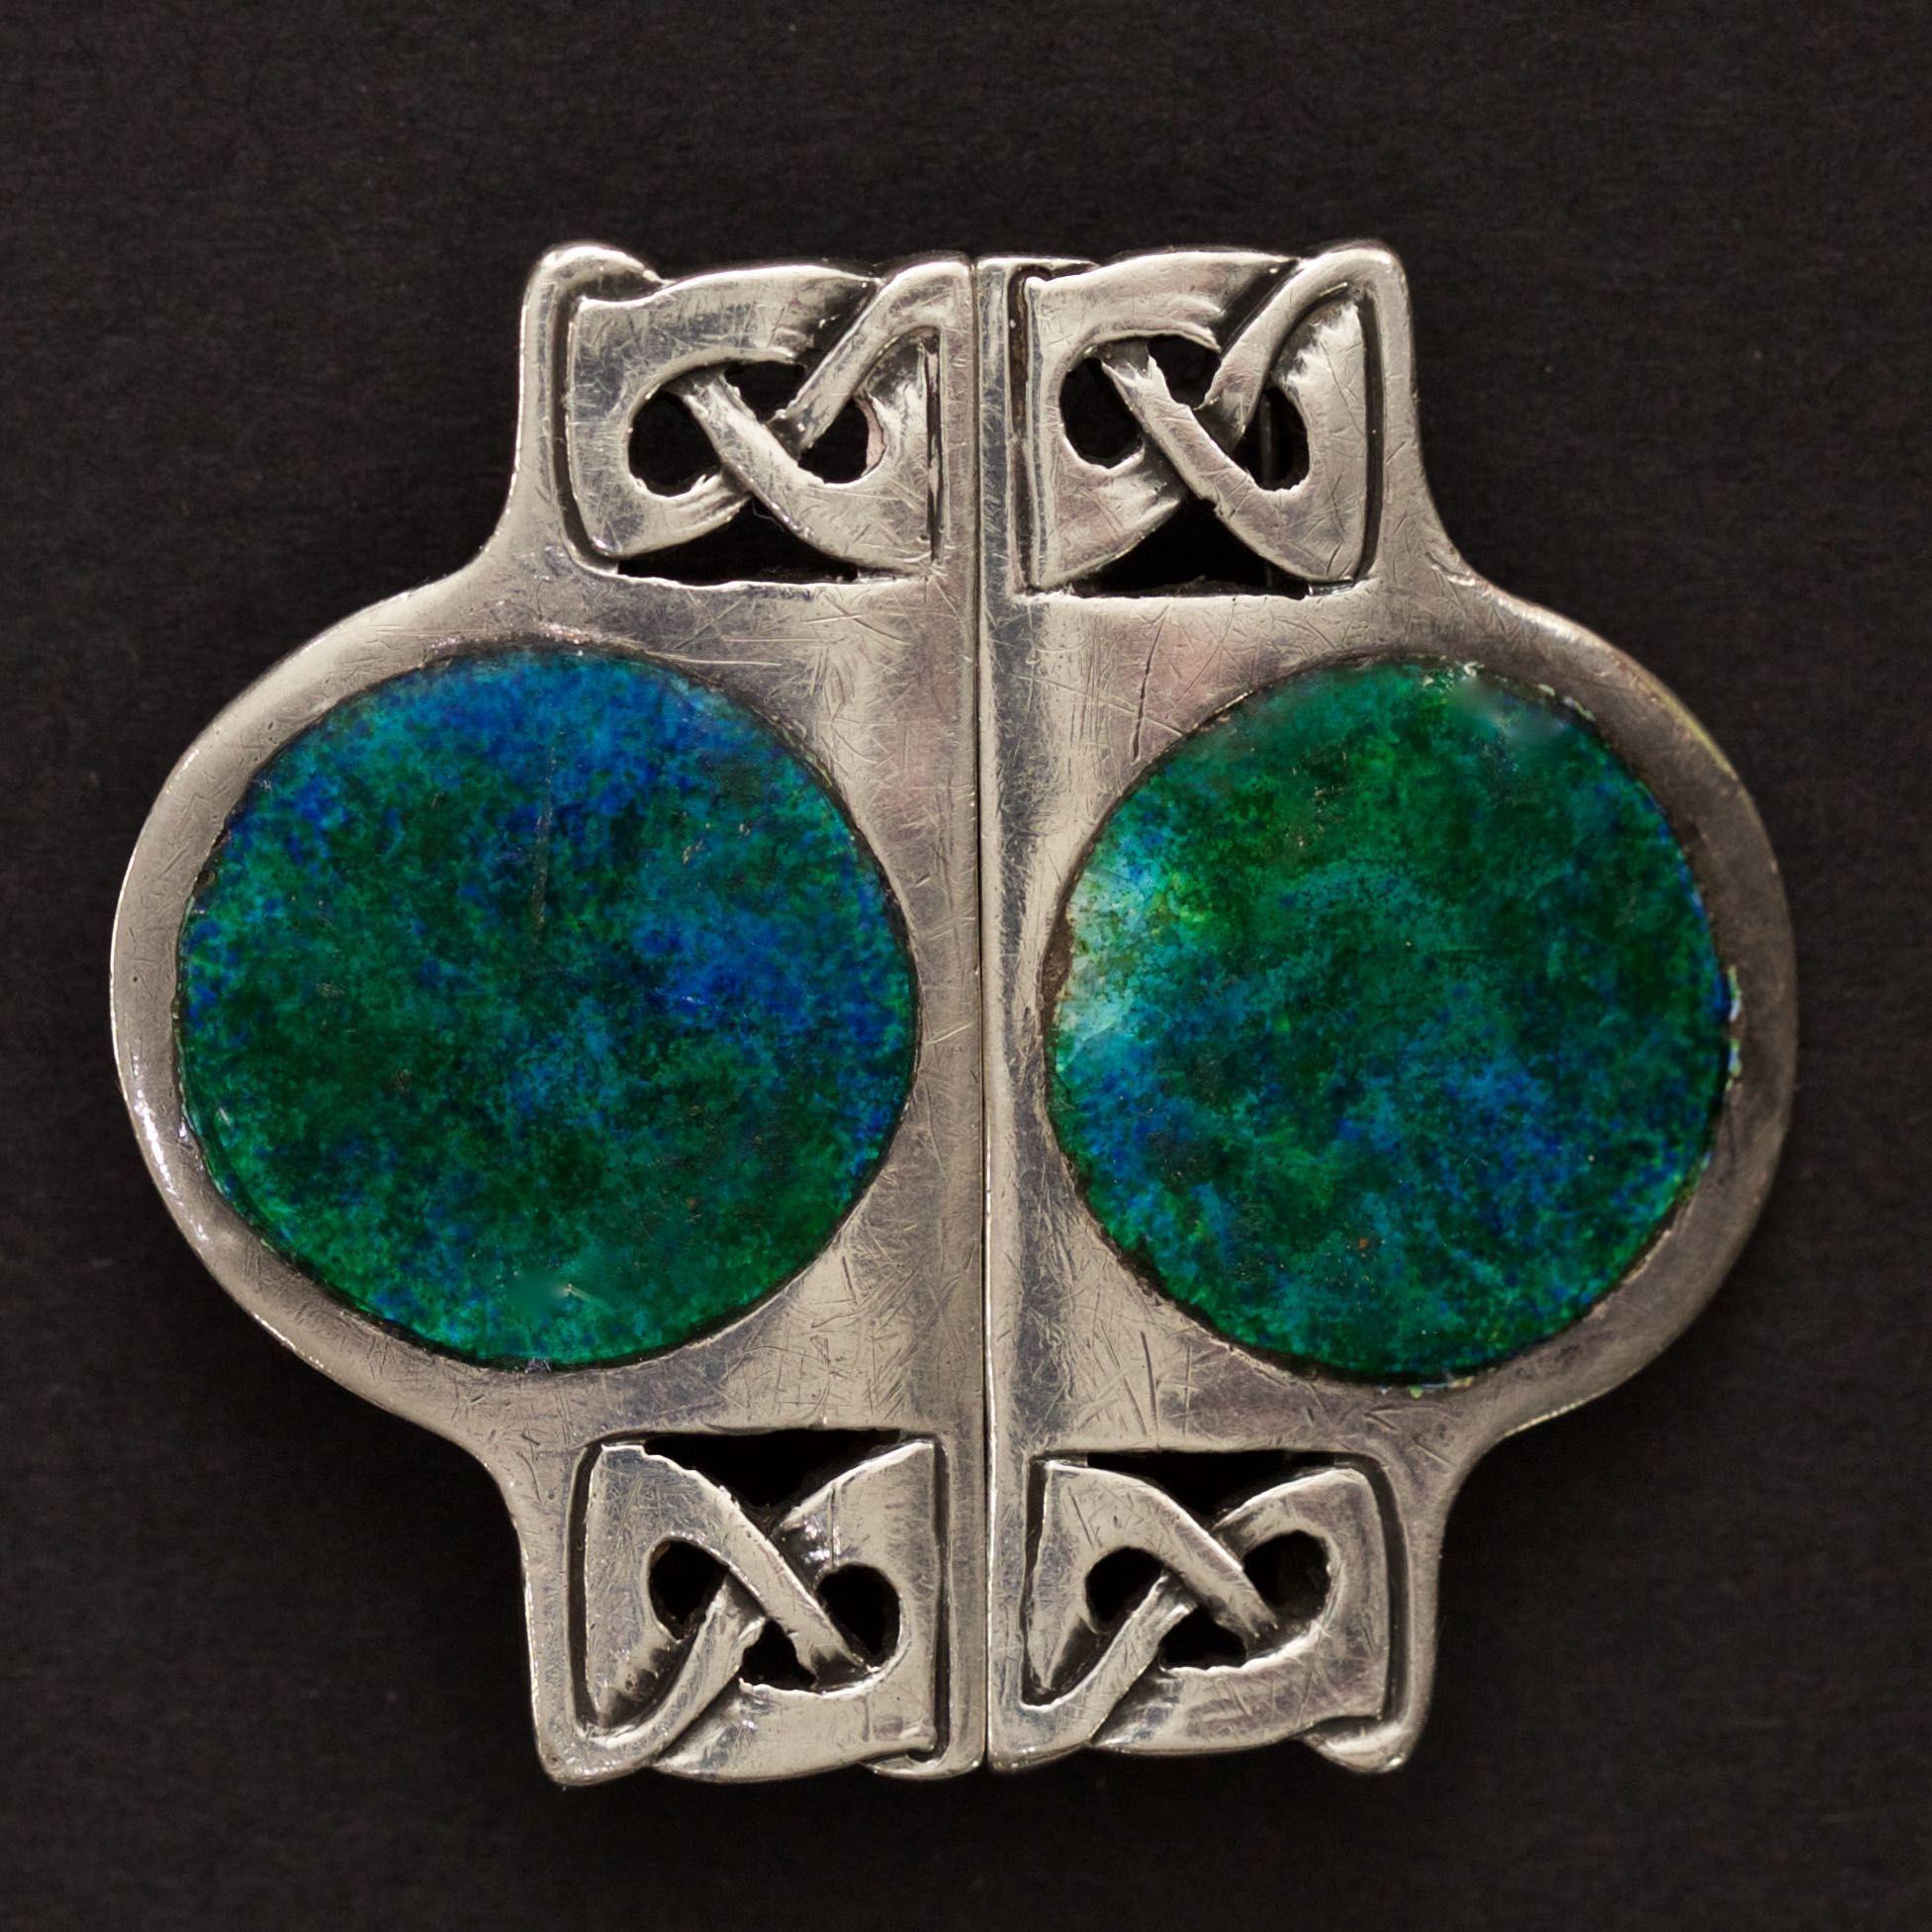 Vintage & Antique Jewelry Antique Silver Enamel Art Nouveau Buckle C1907 By William Hair Haseler Liberty Antiques